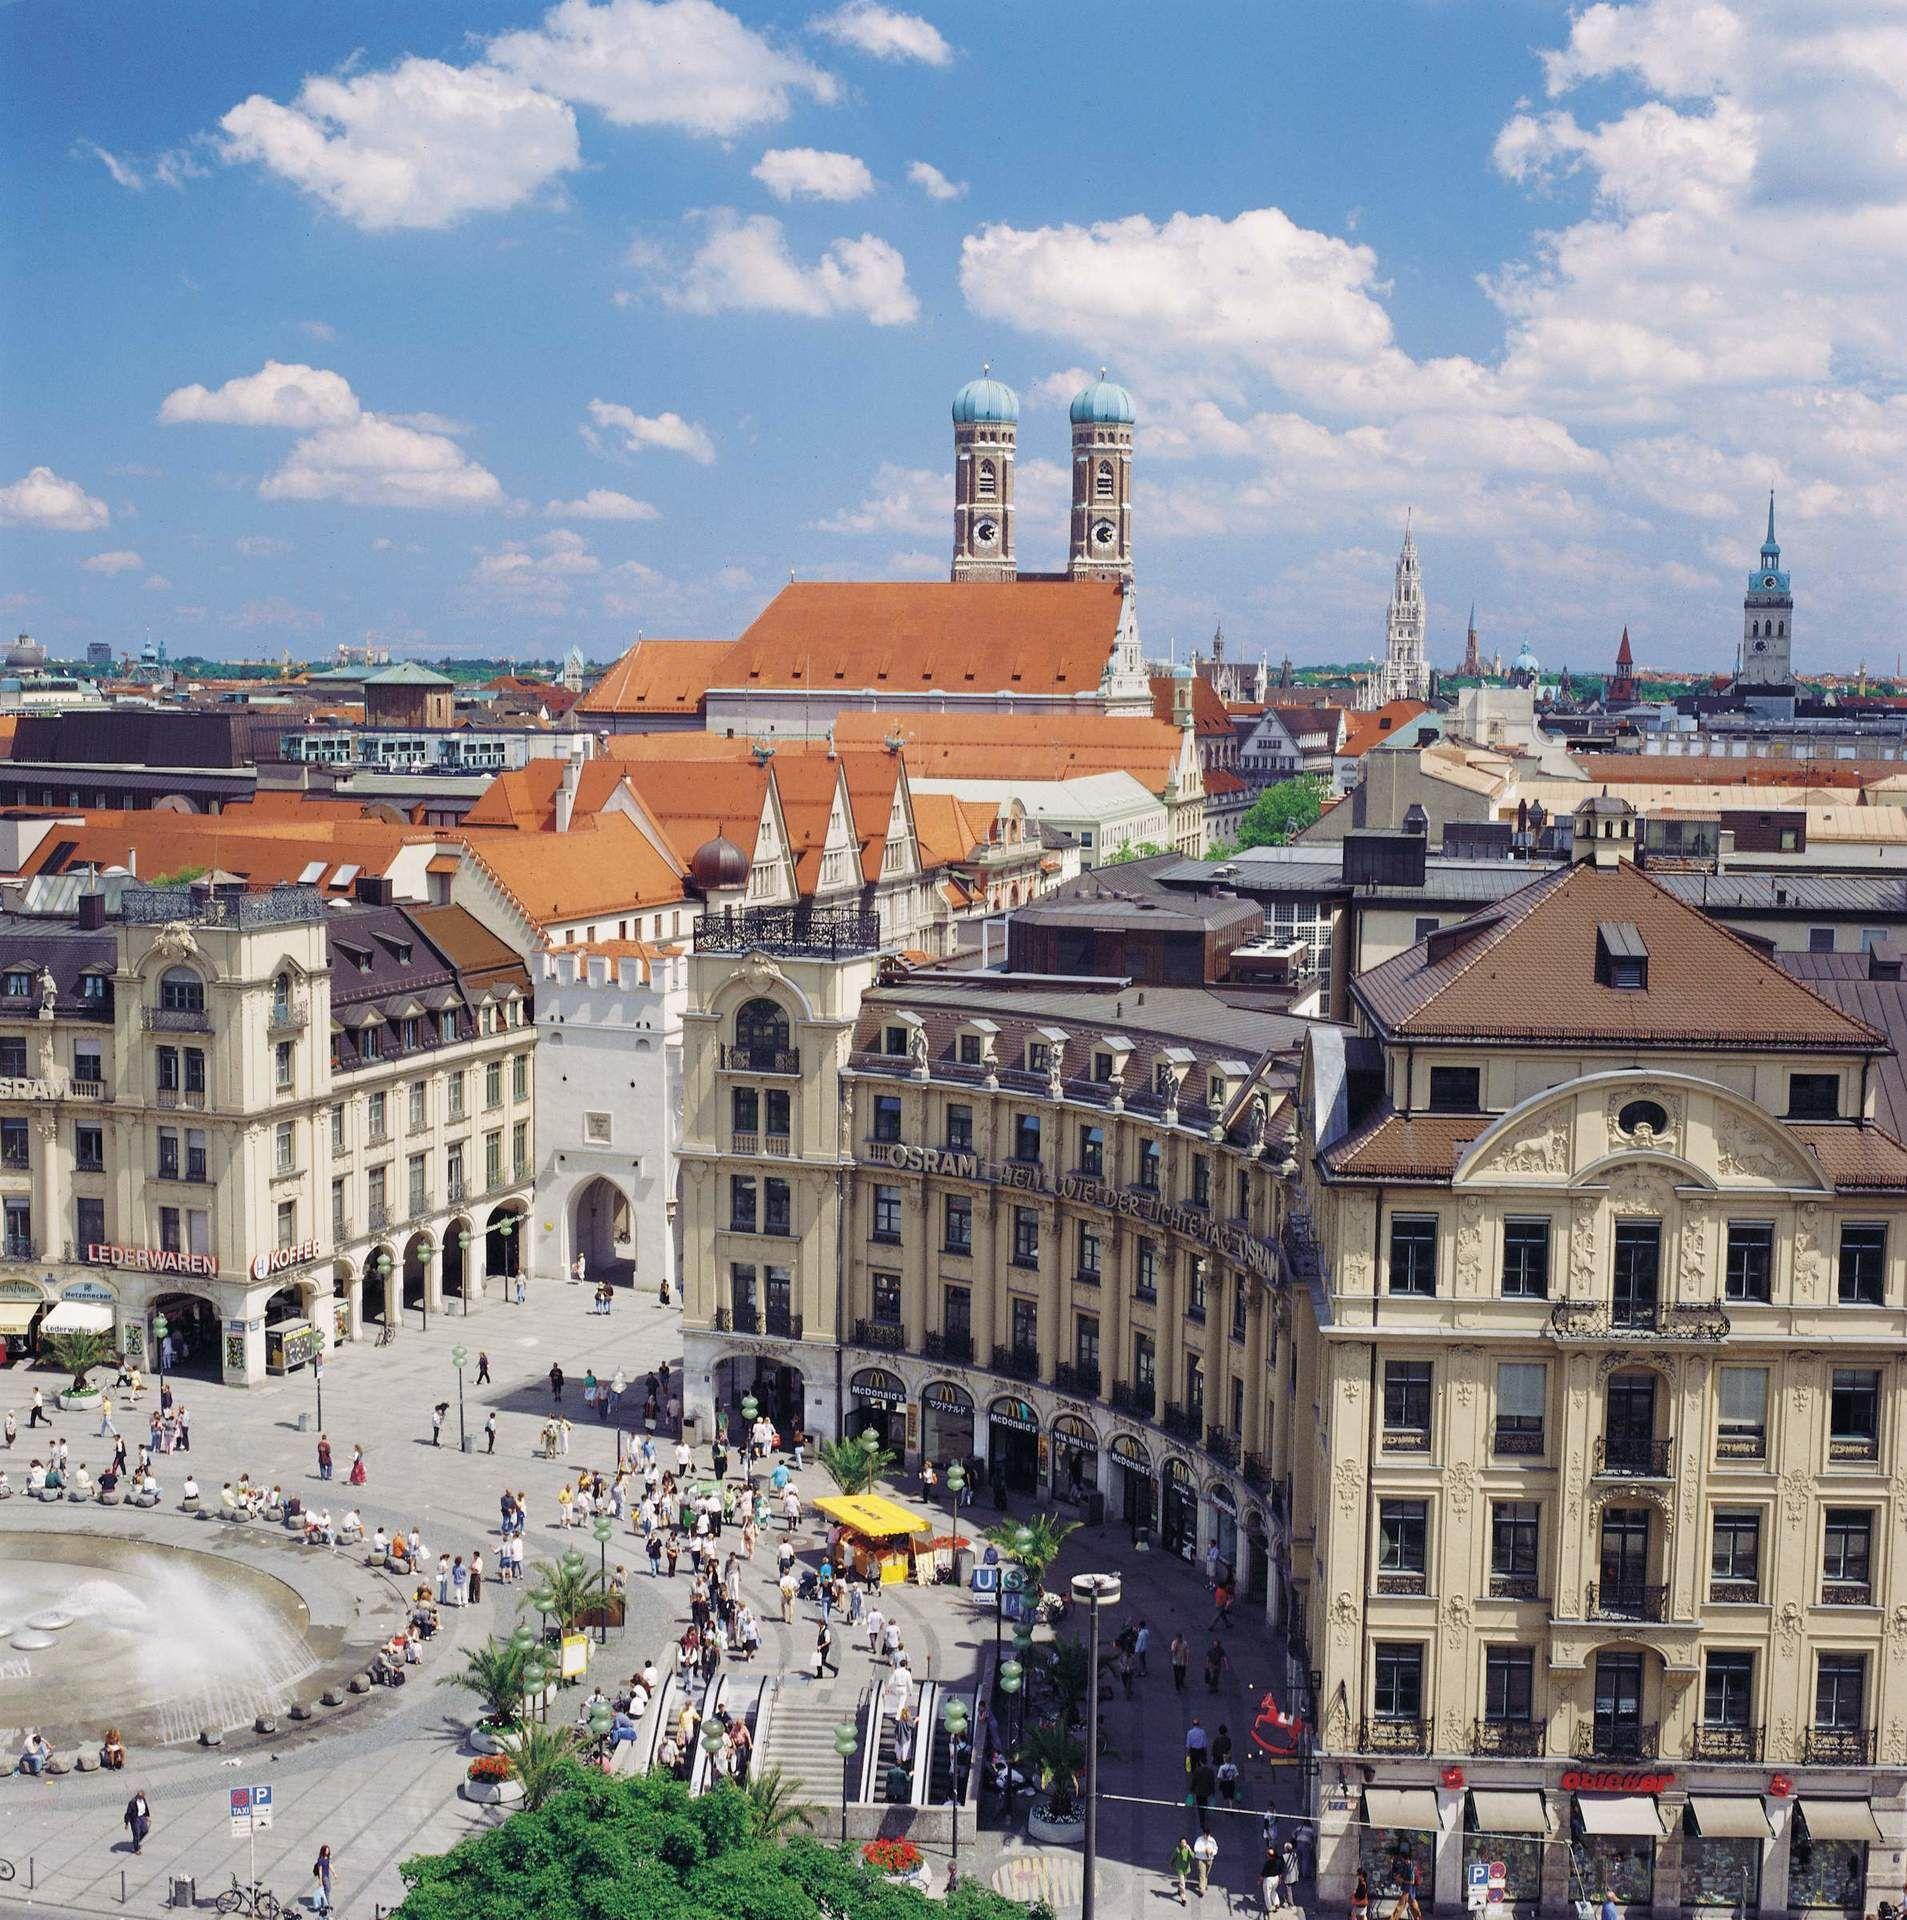 München Sehenswürdigkeiten Hofbräuhaus Oktoberfest Therme Erding ... Haus Und Garten Innovationen Garten Sehenswert